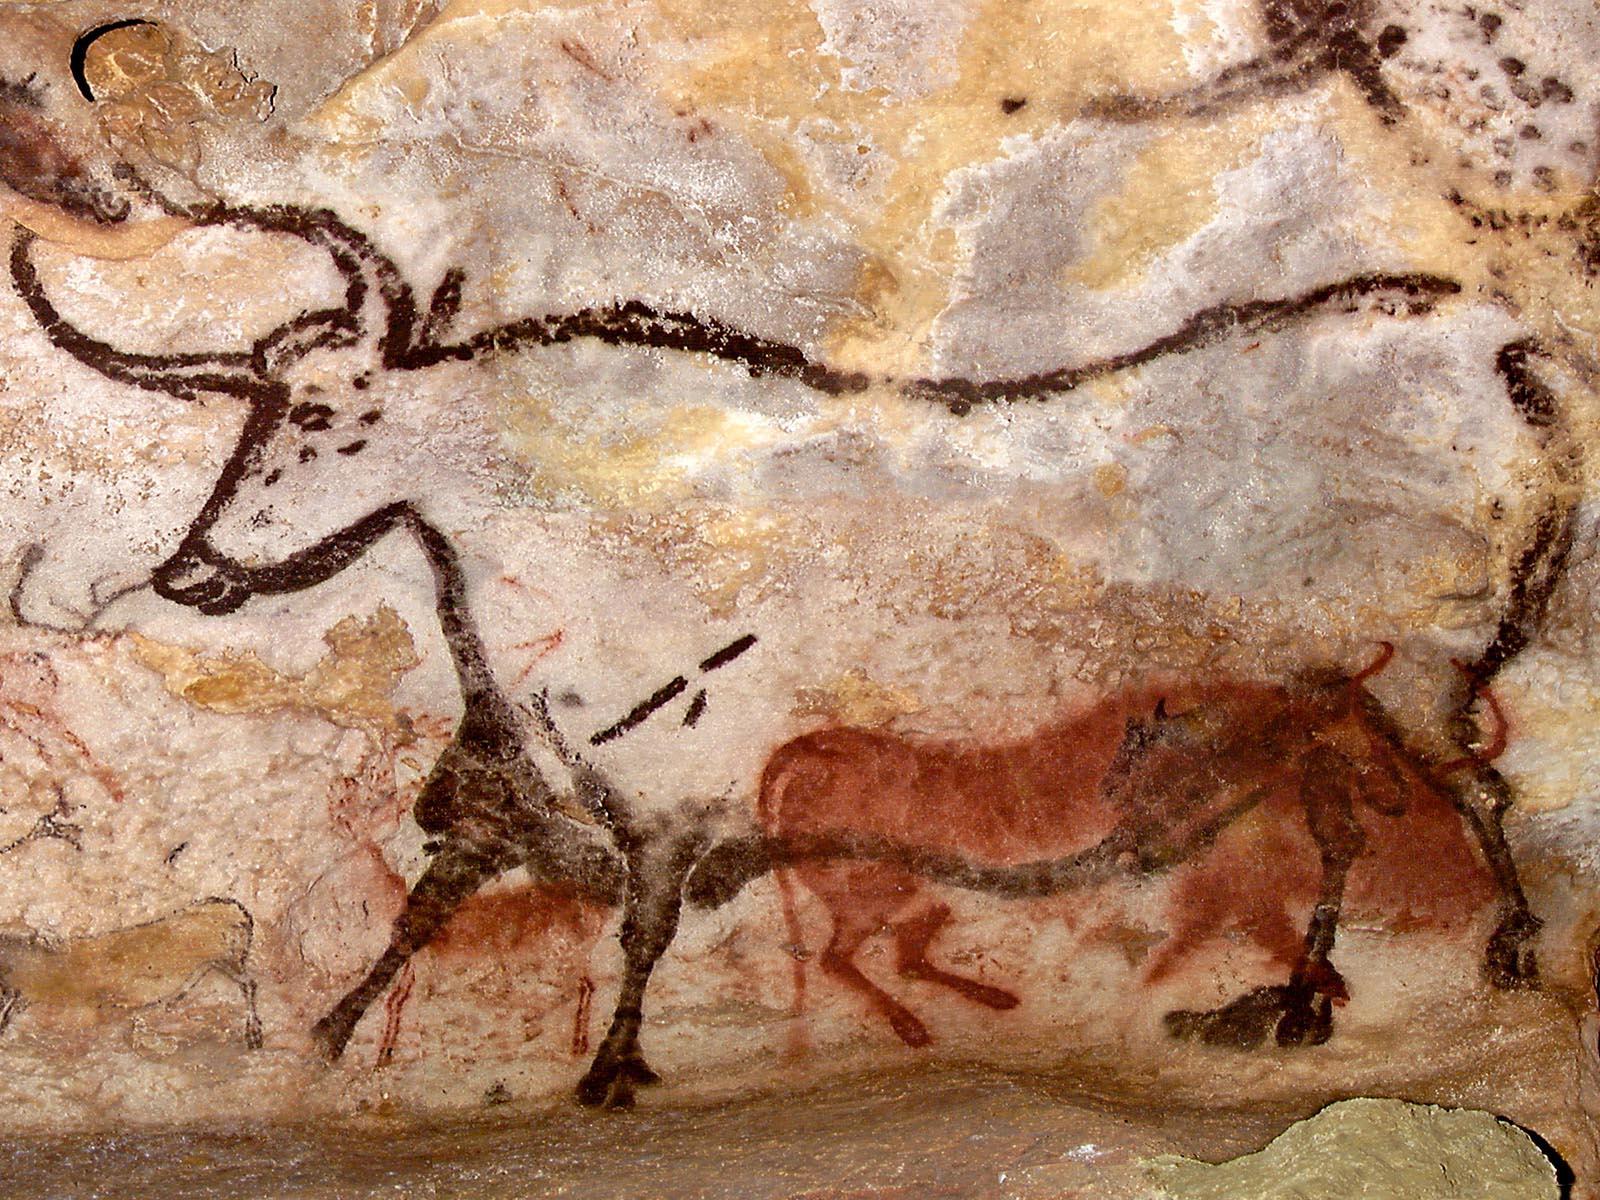 Figura 1. Detalhe do teto: touro e cavalos, Caverna de Lascaux